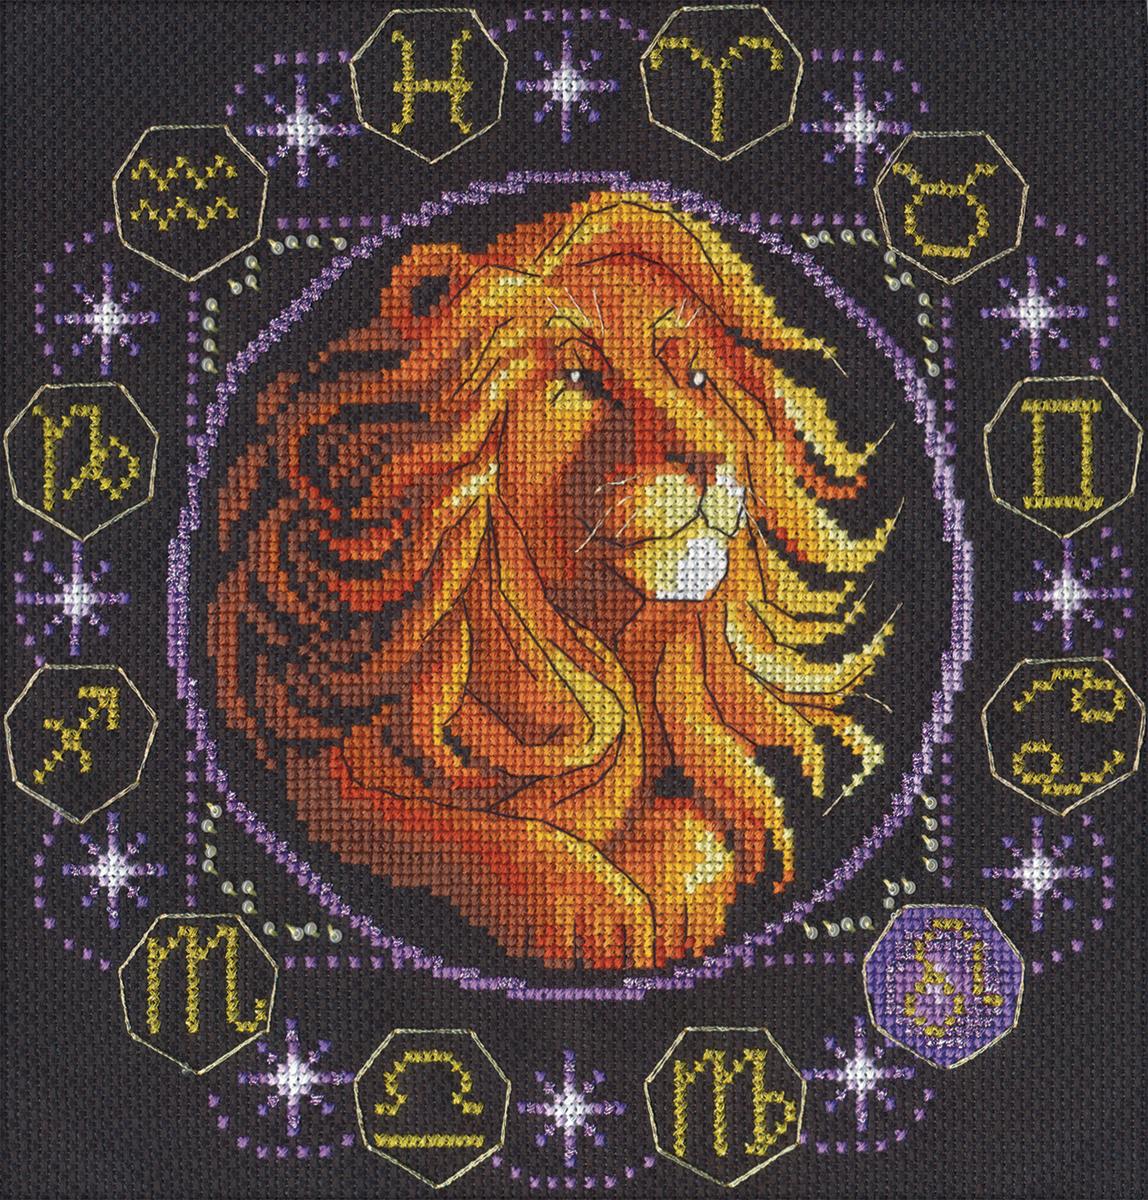 вышивка схемы лев